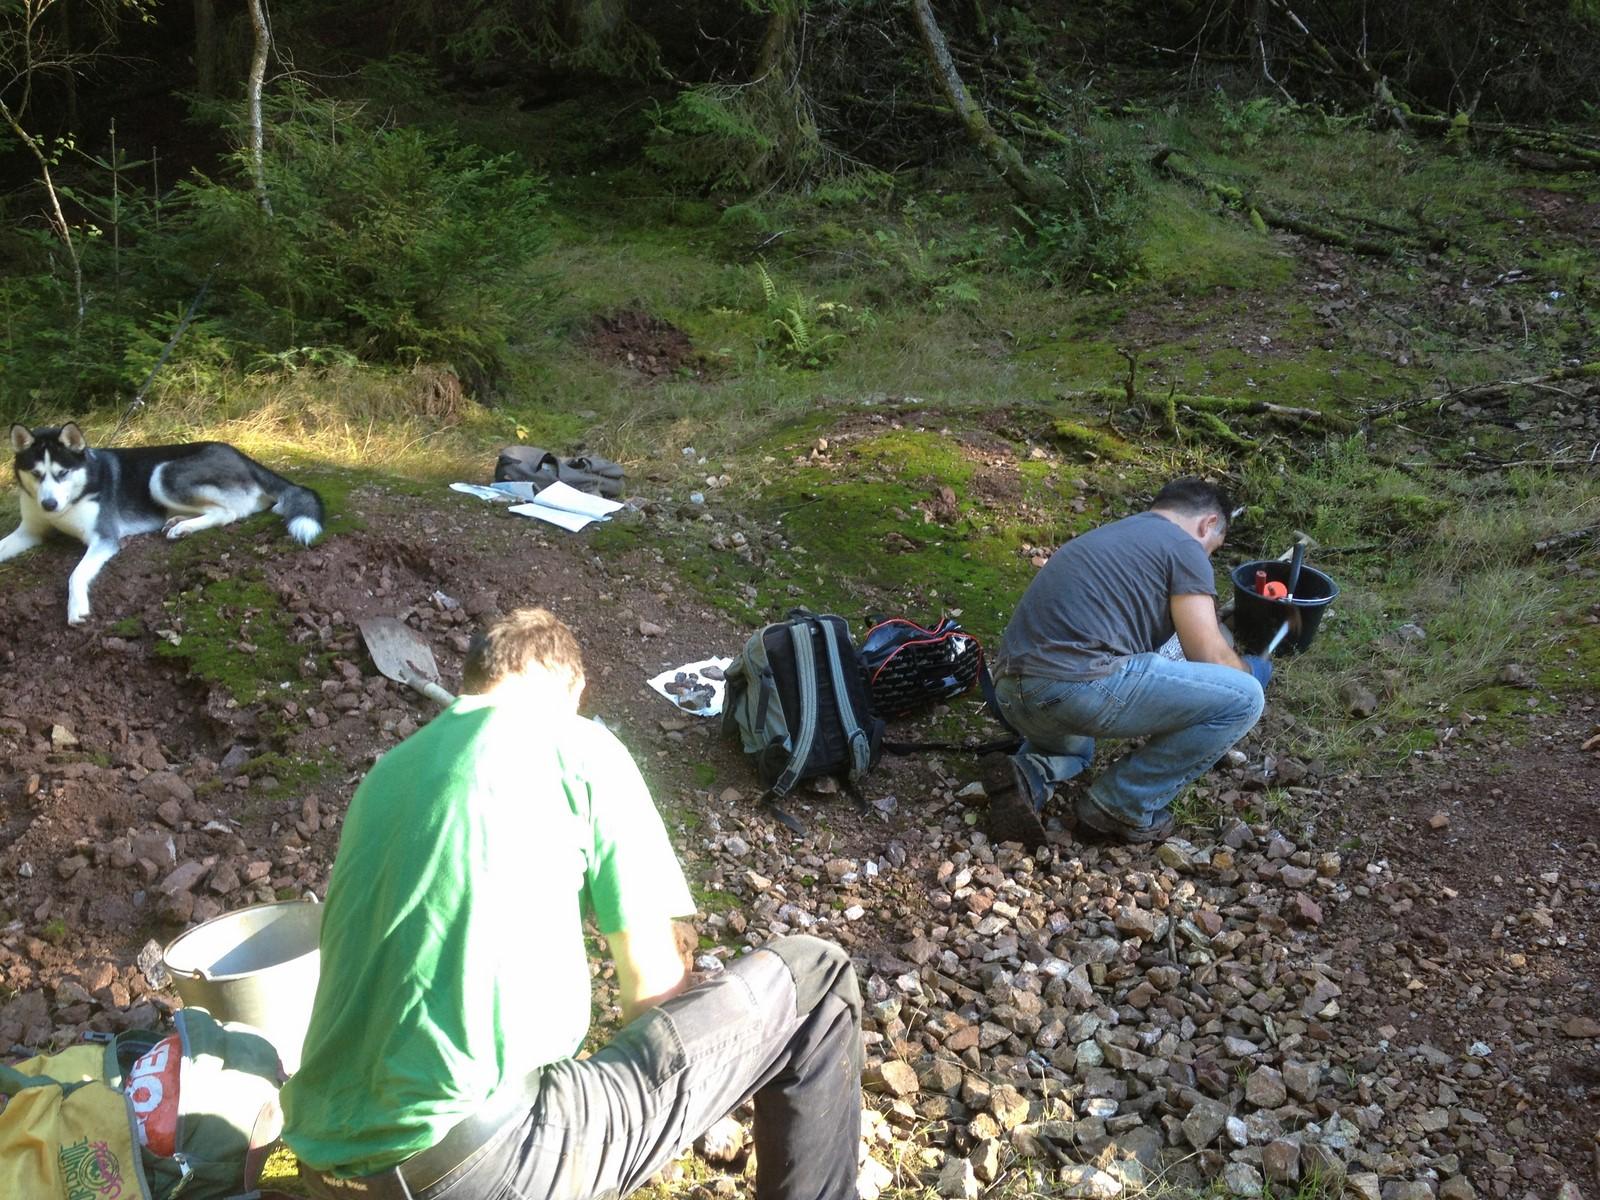 Op zoek naar mineralen op de Silberbrunnle Halde